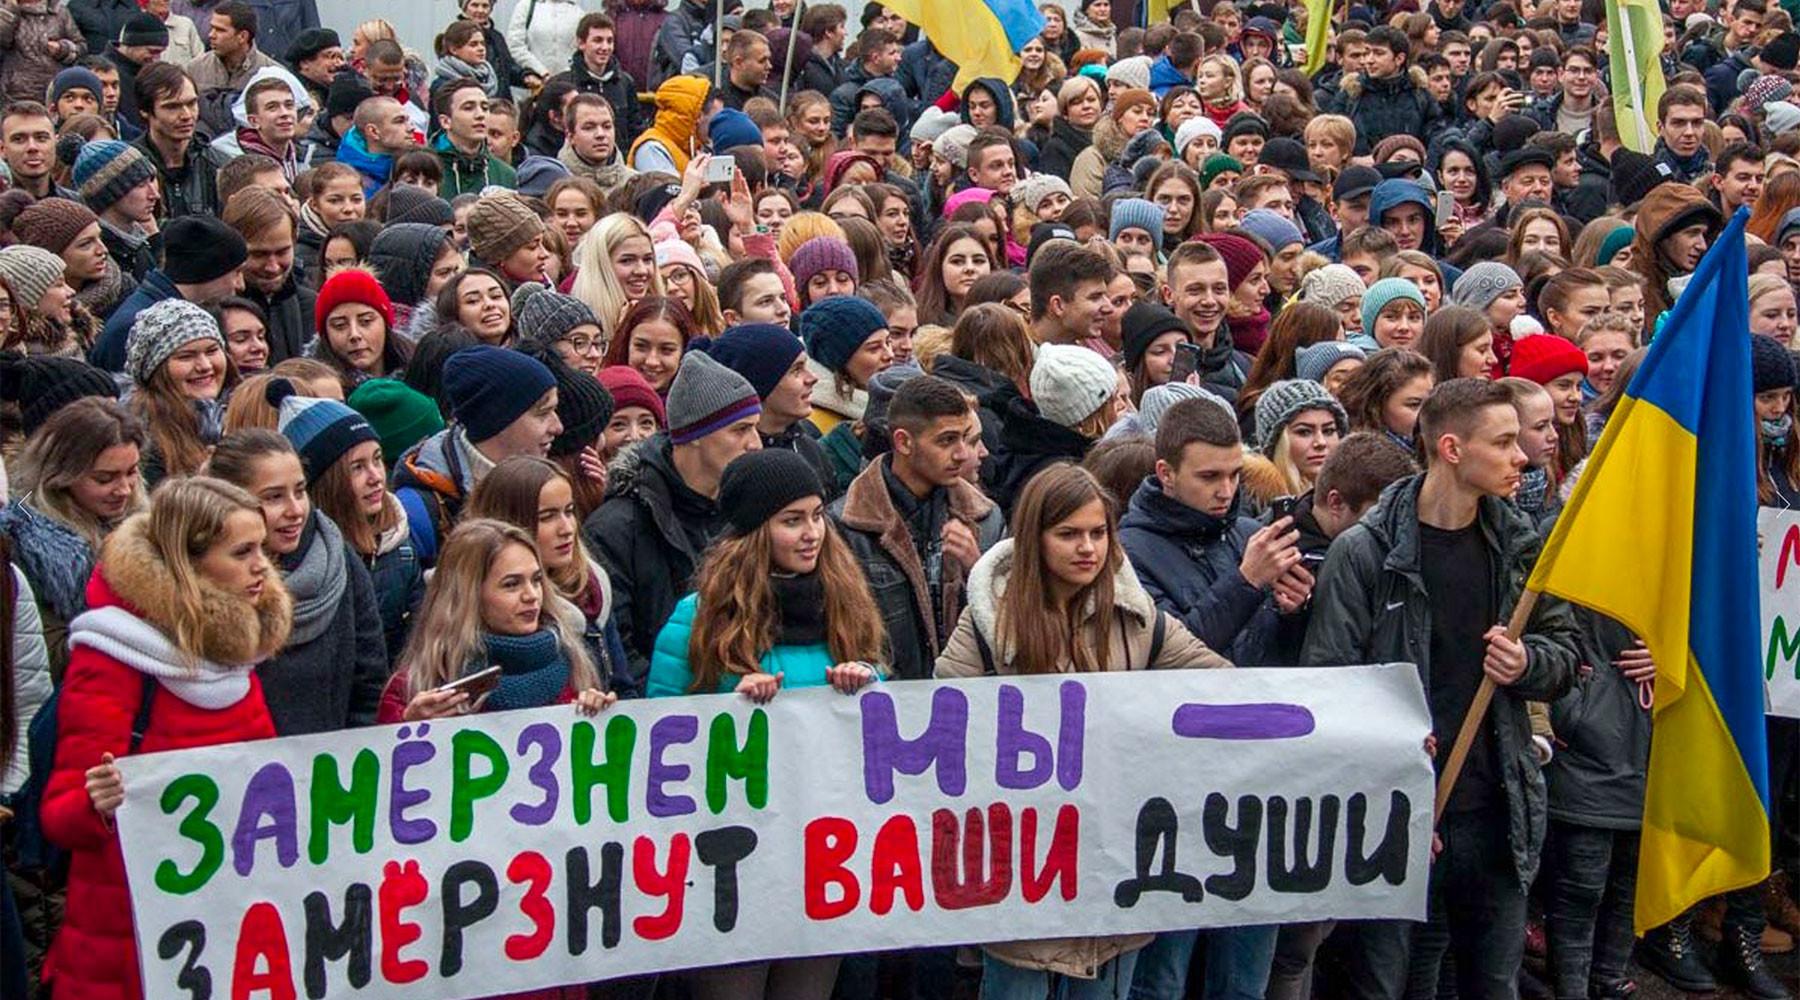 Политика США в отношении к Украине приведет к социальному взрыву